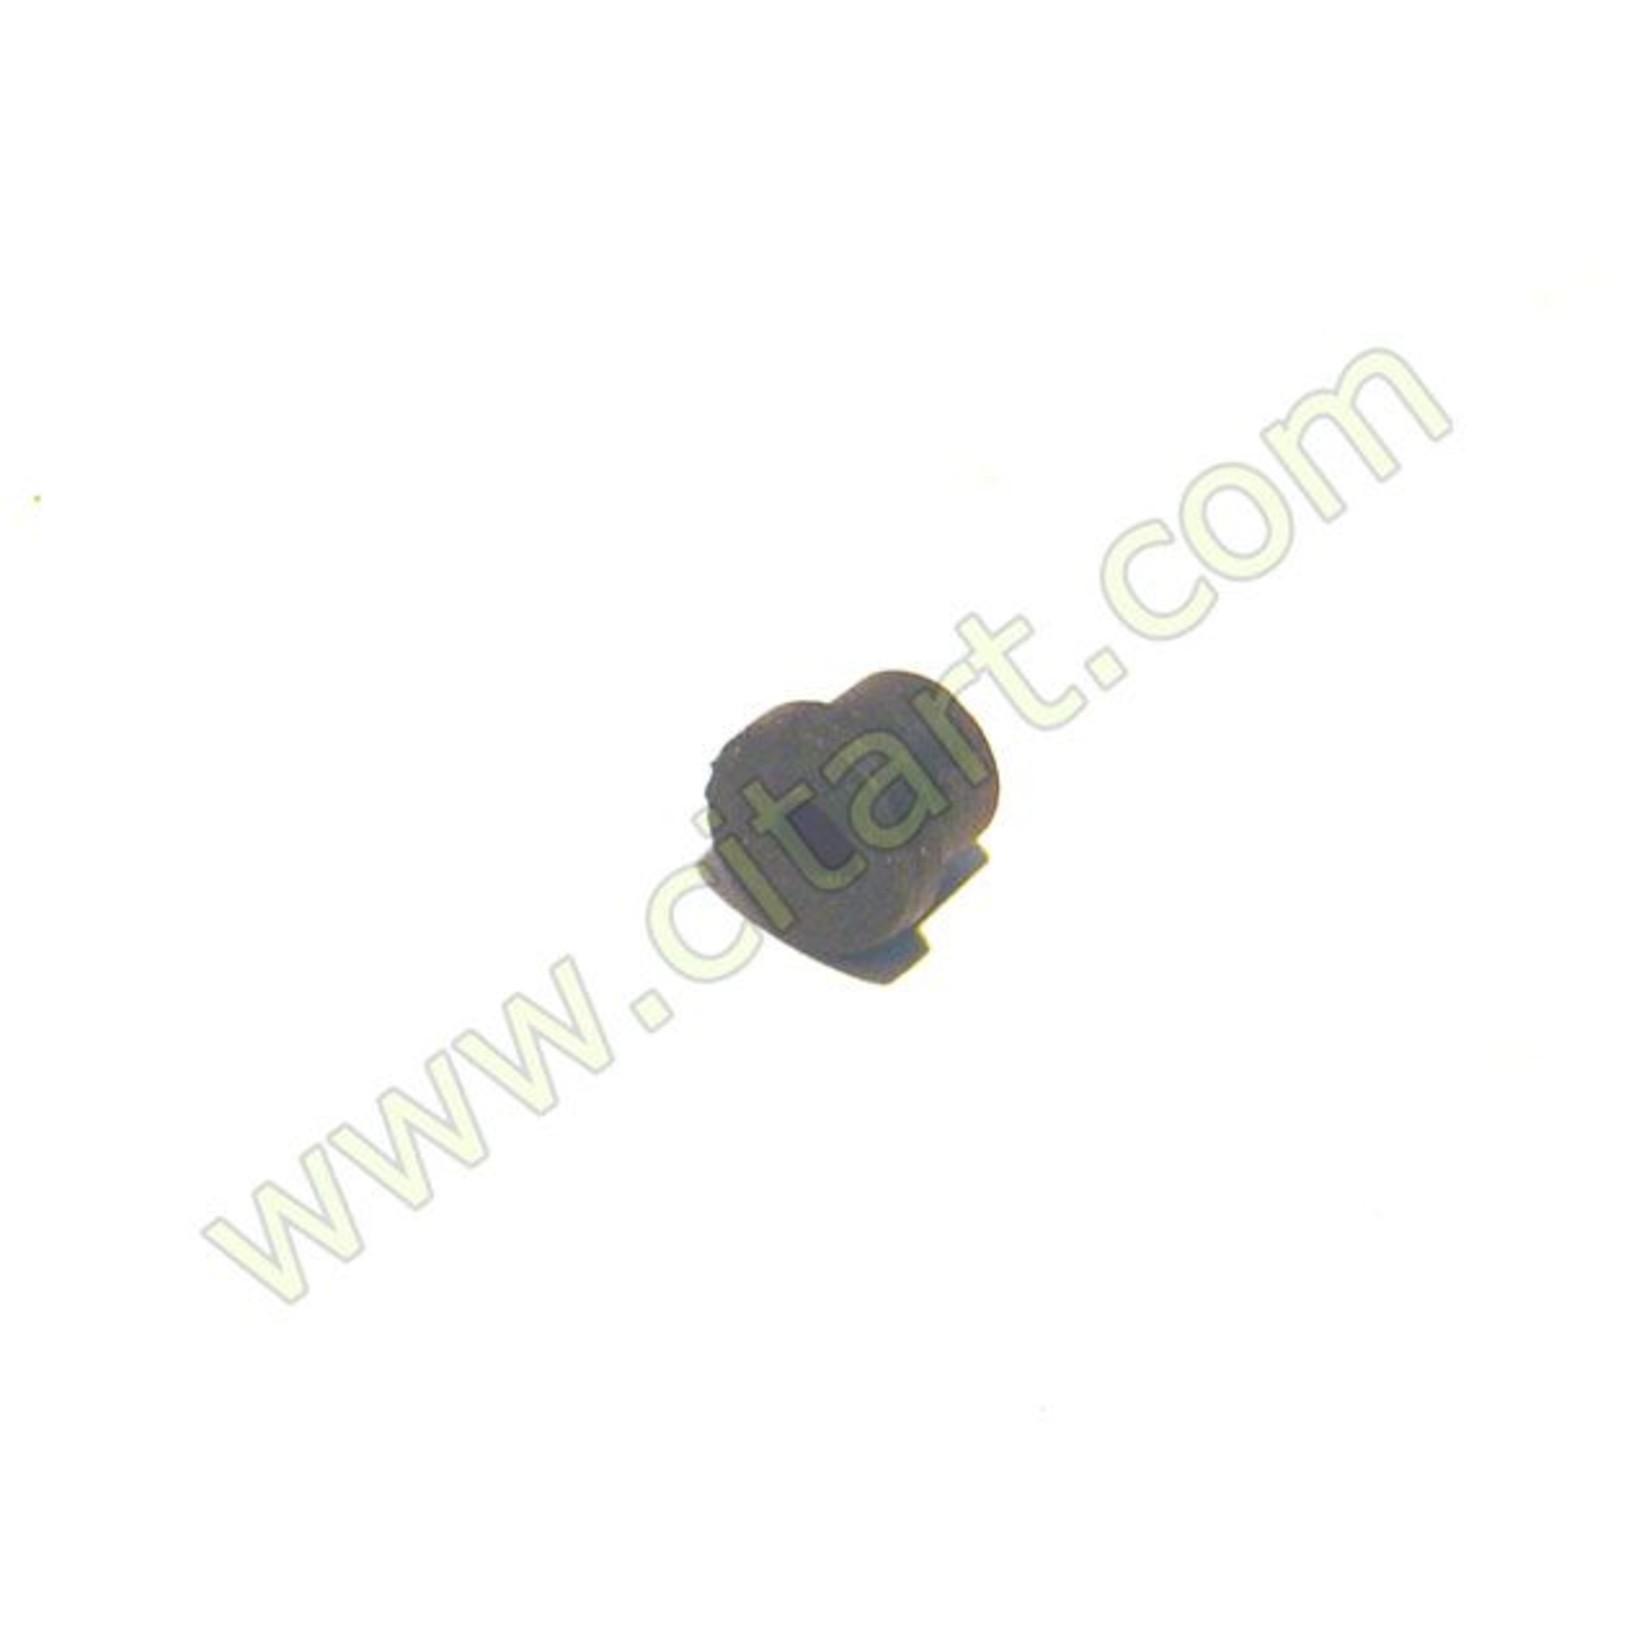 Rubber cap bleed screw centrifugal regulator / brakes Nr Org: 5405105